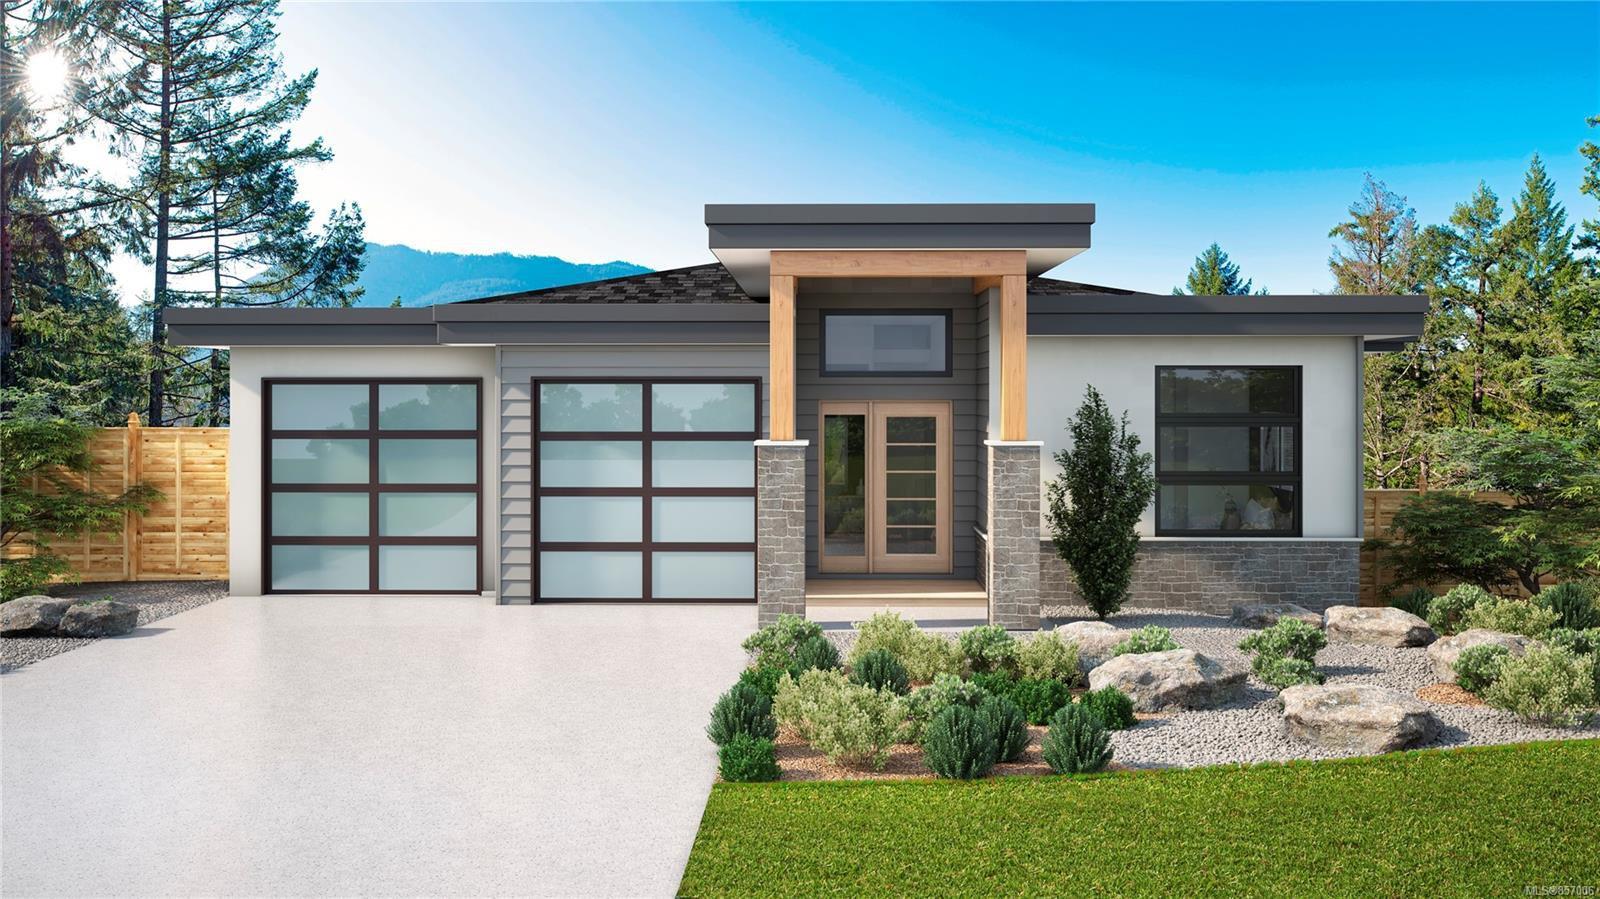 Main Photo: 6293 Highwood Dr in : Du East Duncan House for sale (Duncan)  : MLS®# 857006